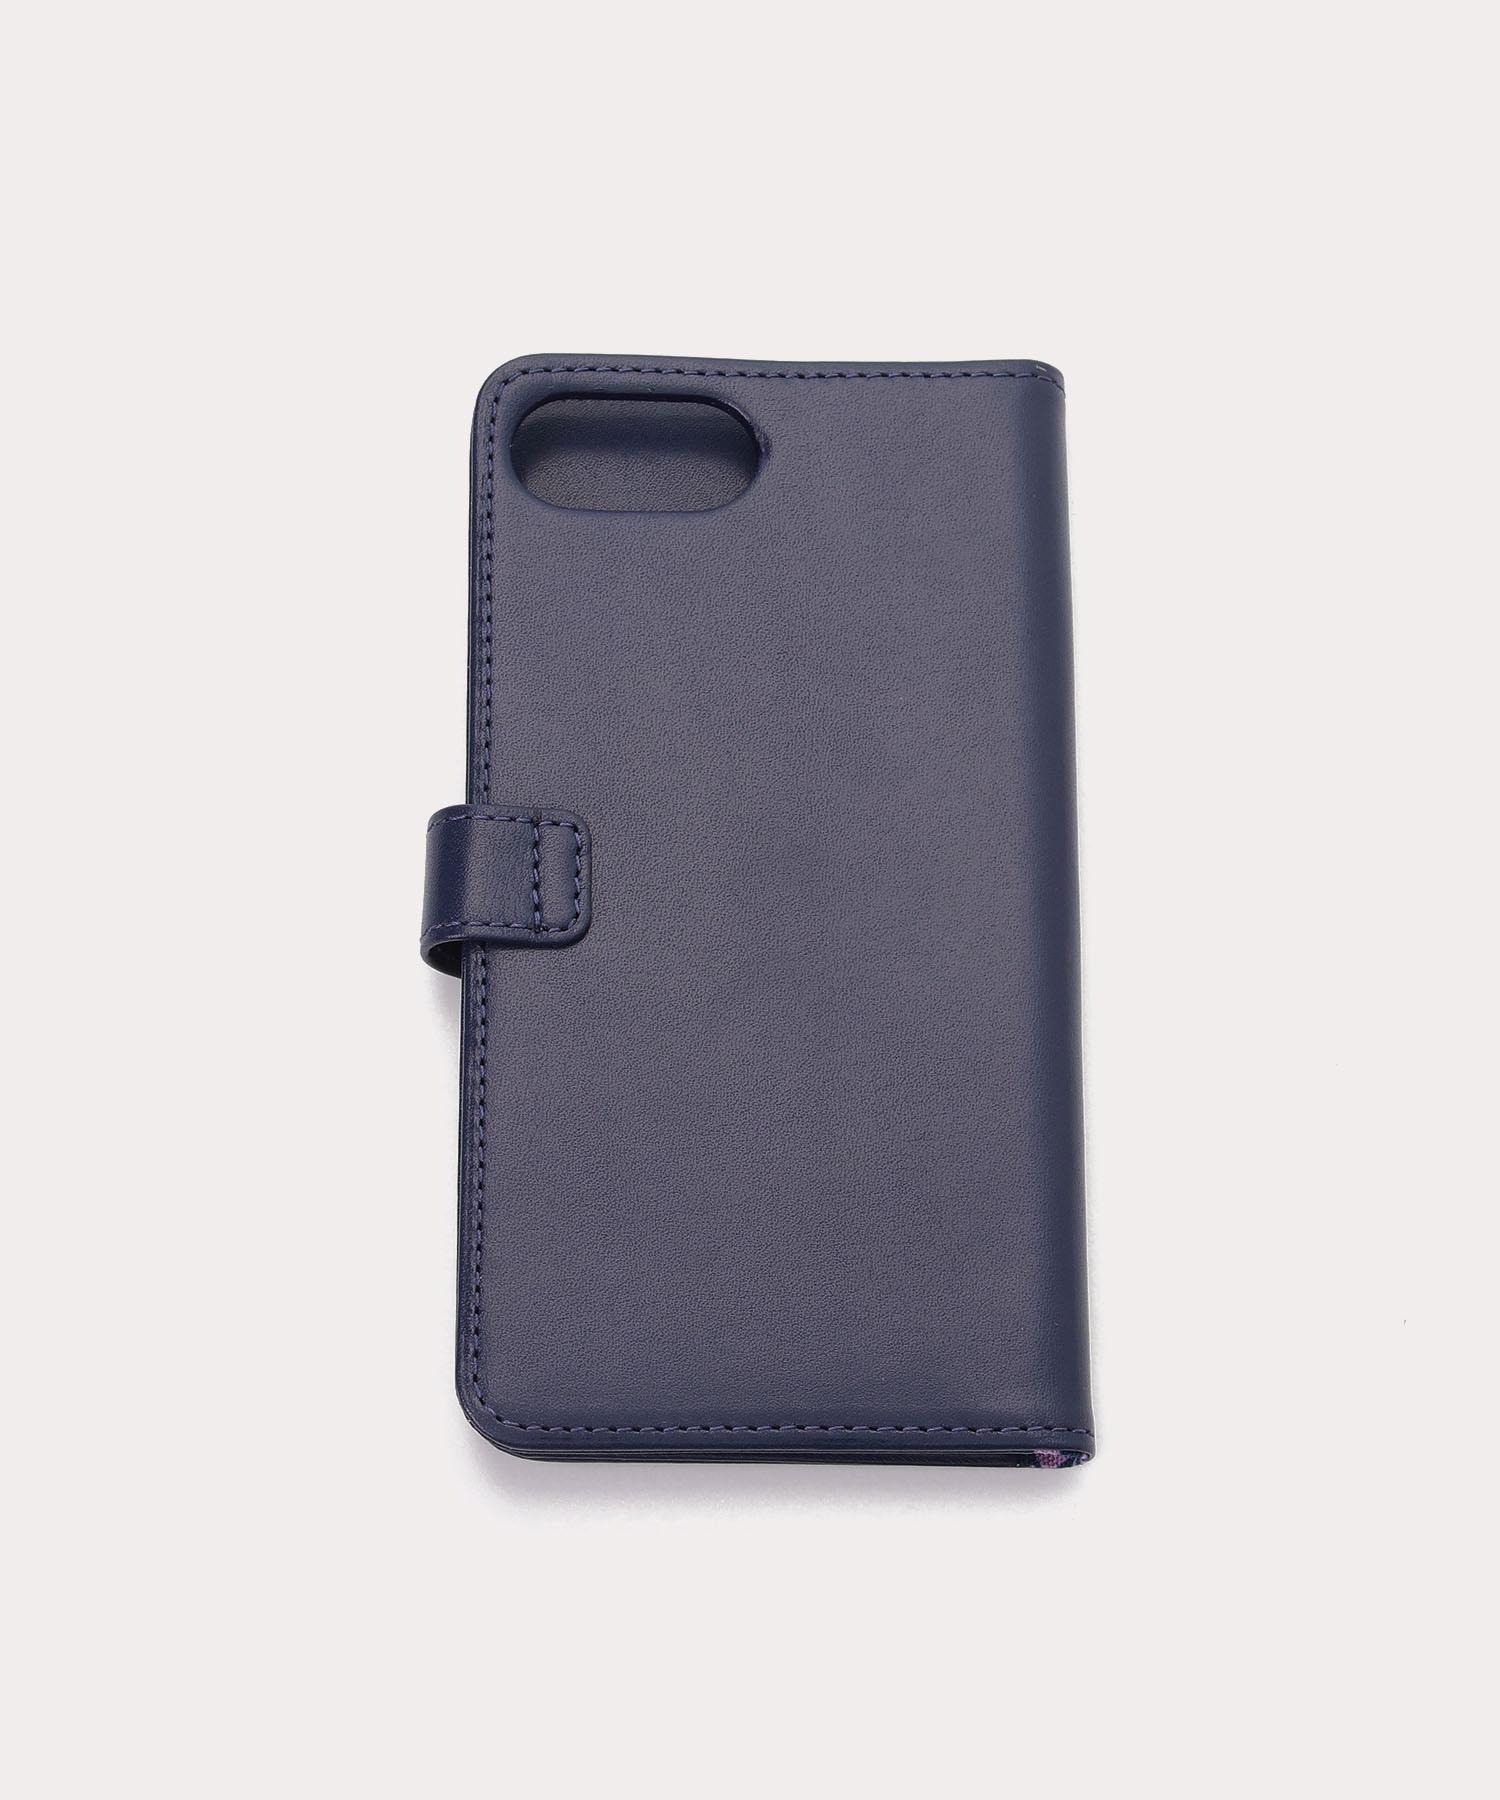 【iPhone 7/8 Plus用】オンラインショップ限定カラー ヴィンテージ WATER ORB スマホケース